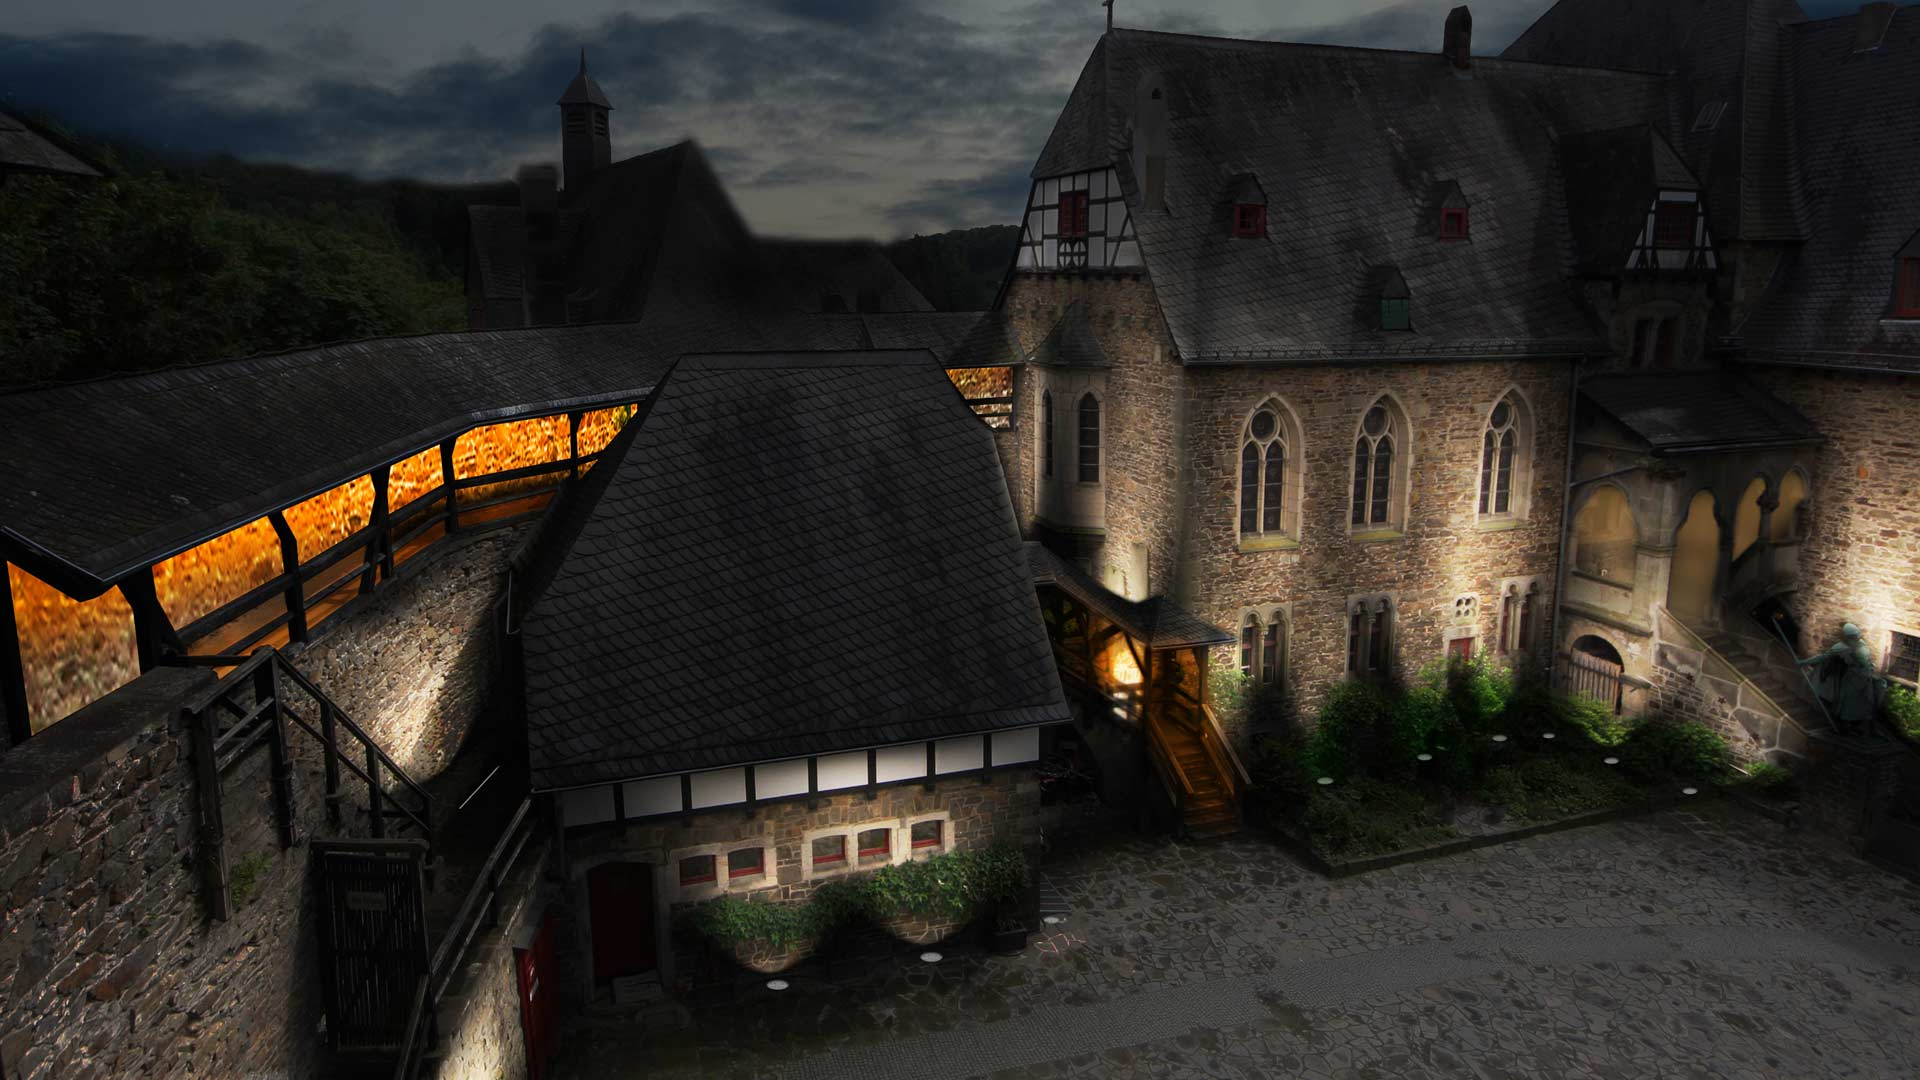 MAASS-Lichtplanung_Wettbewerbsbeitrag Lichtinszenierung Schloss Burg__MAASS-Licht-SchlossBurg-01